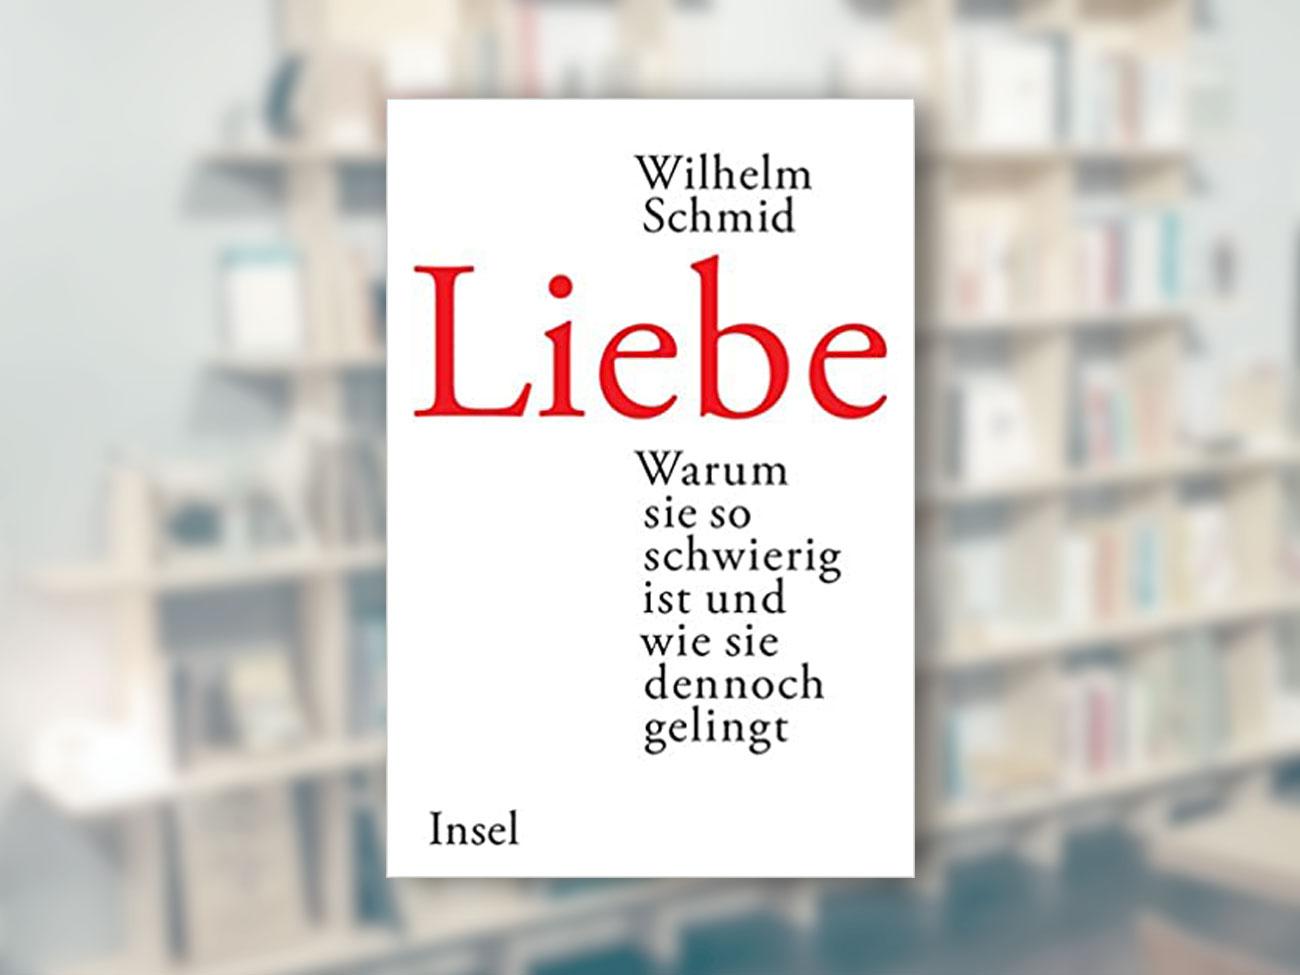 Wilhelm Schmid, Liebe: Warum sie so schwierig ist und wie sie dennoch gelingt